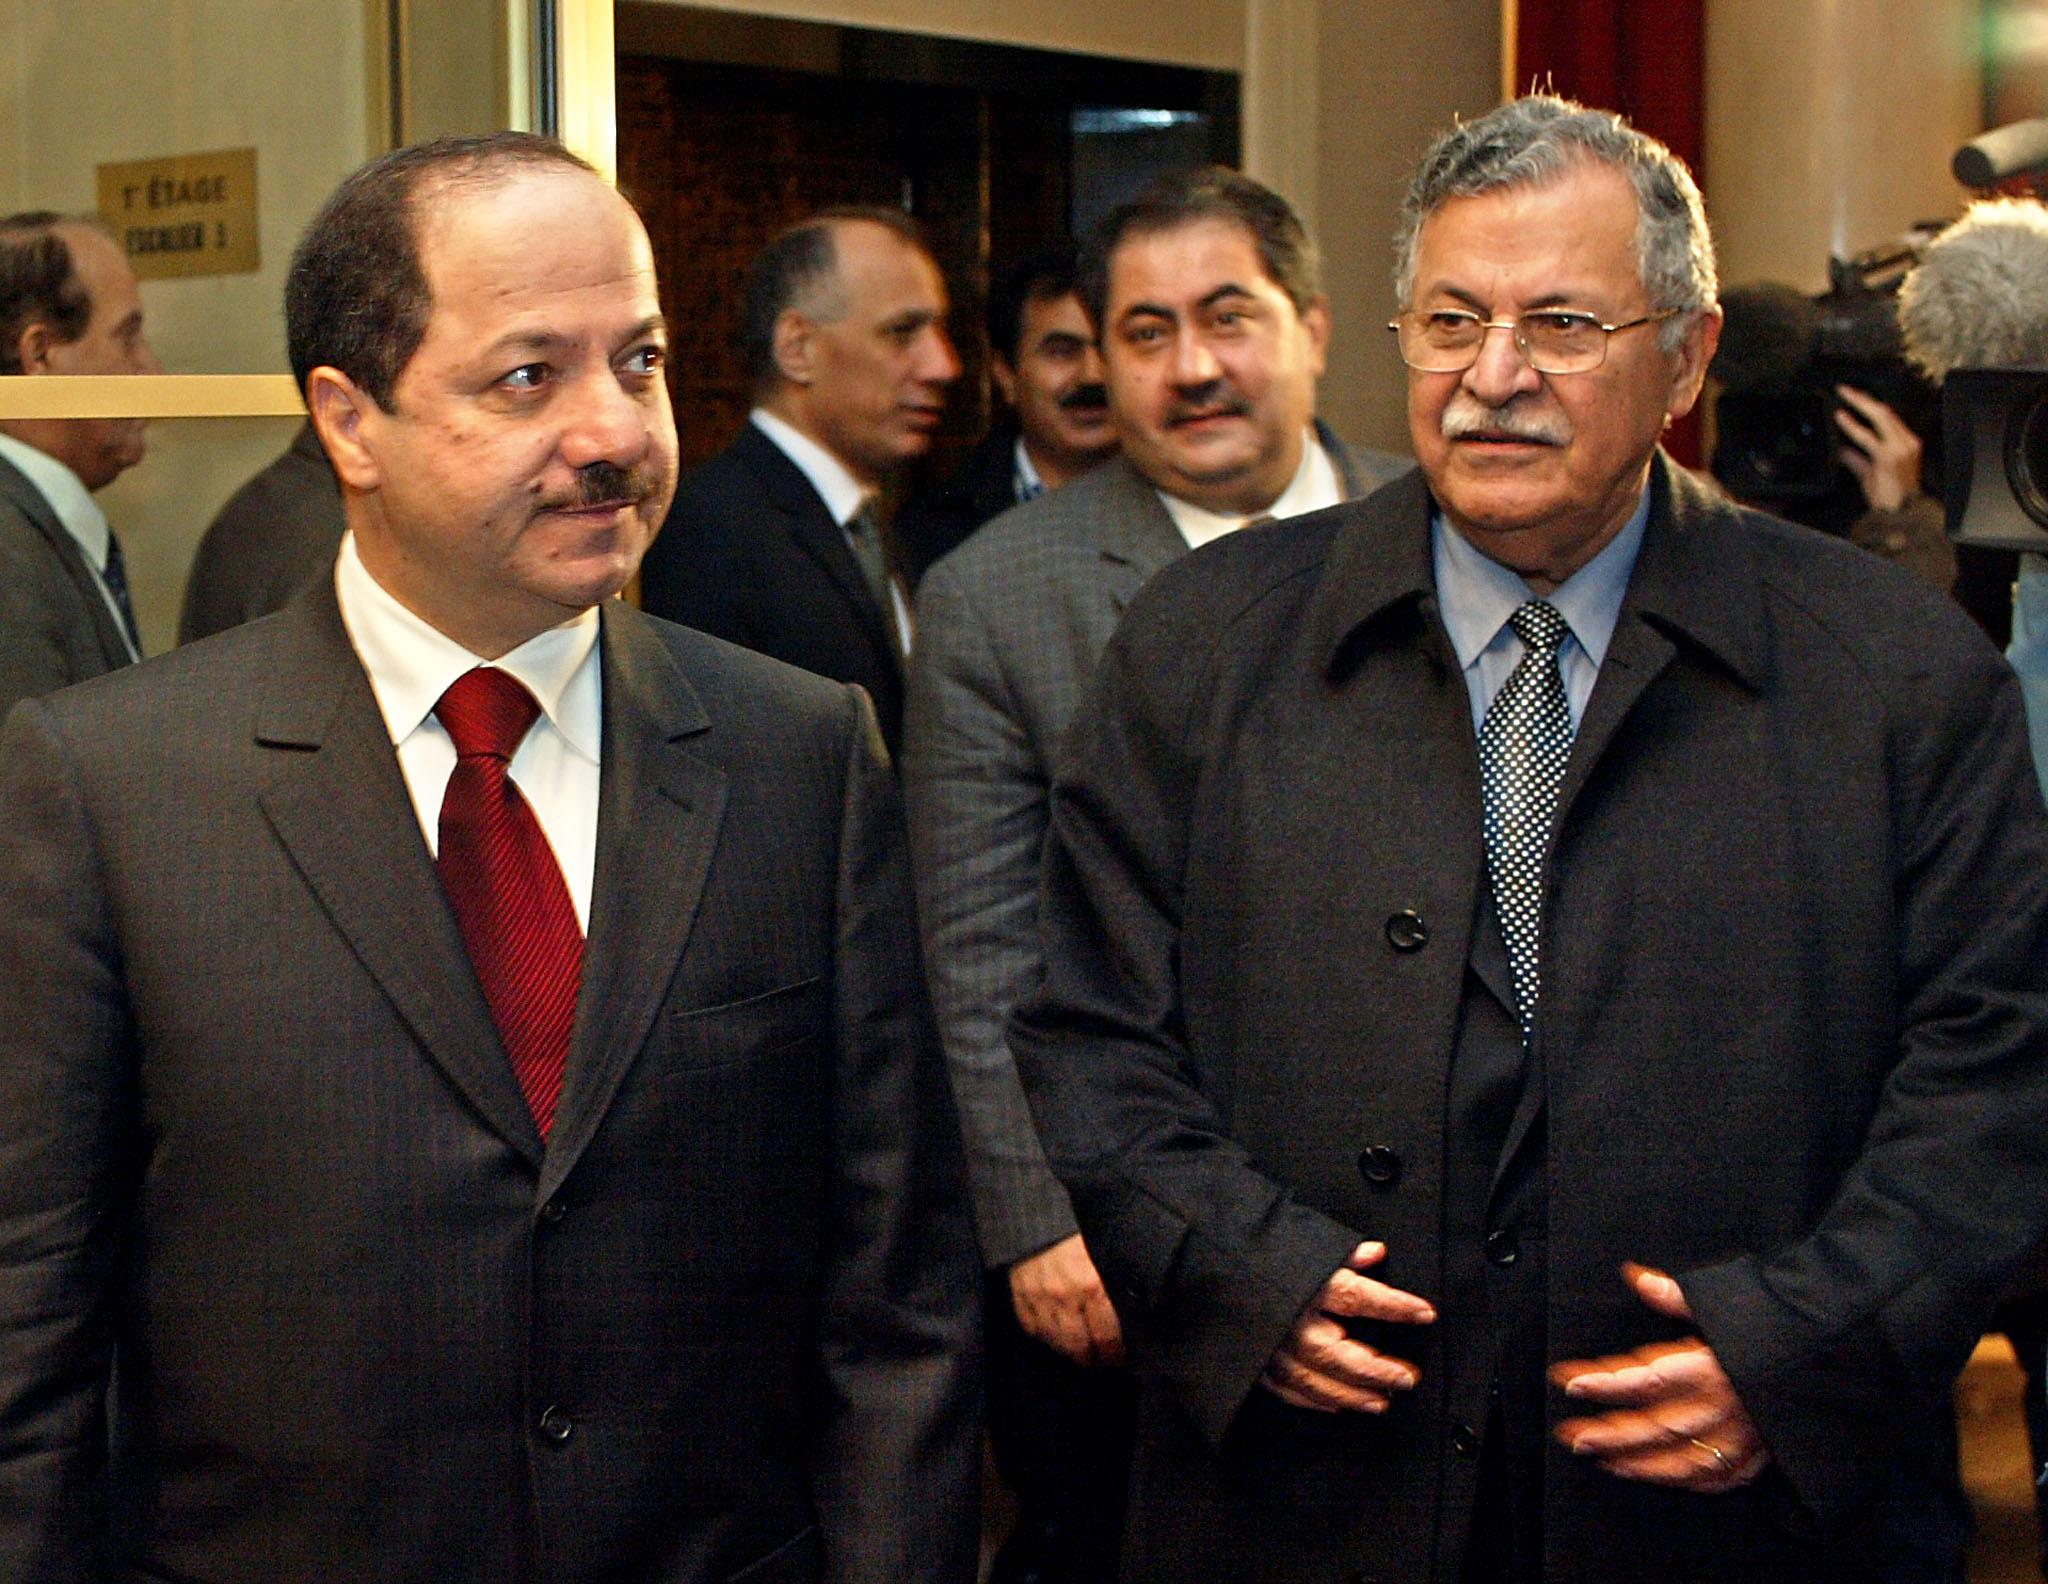 صورة للزعيمين الكرديين جلال طالباني ومسعود بارزاني في عام 2002